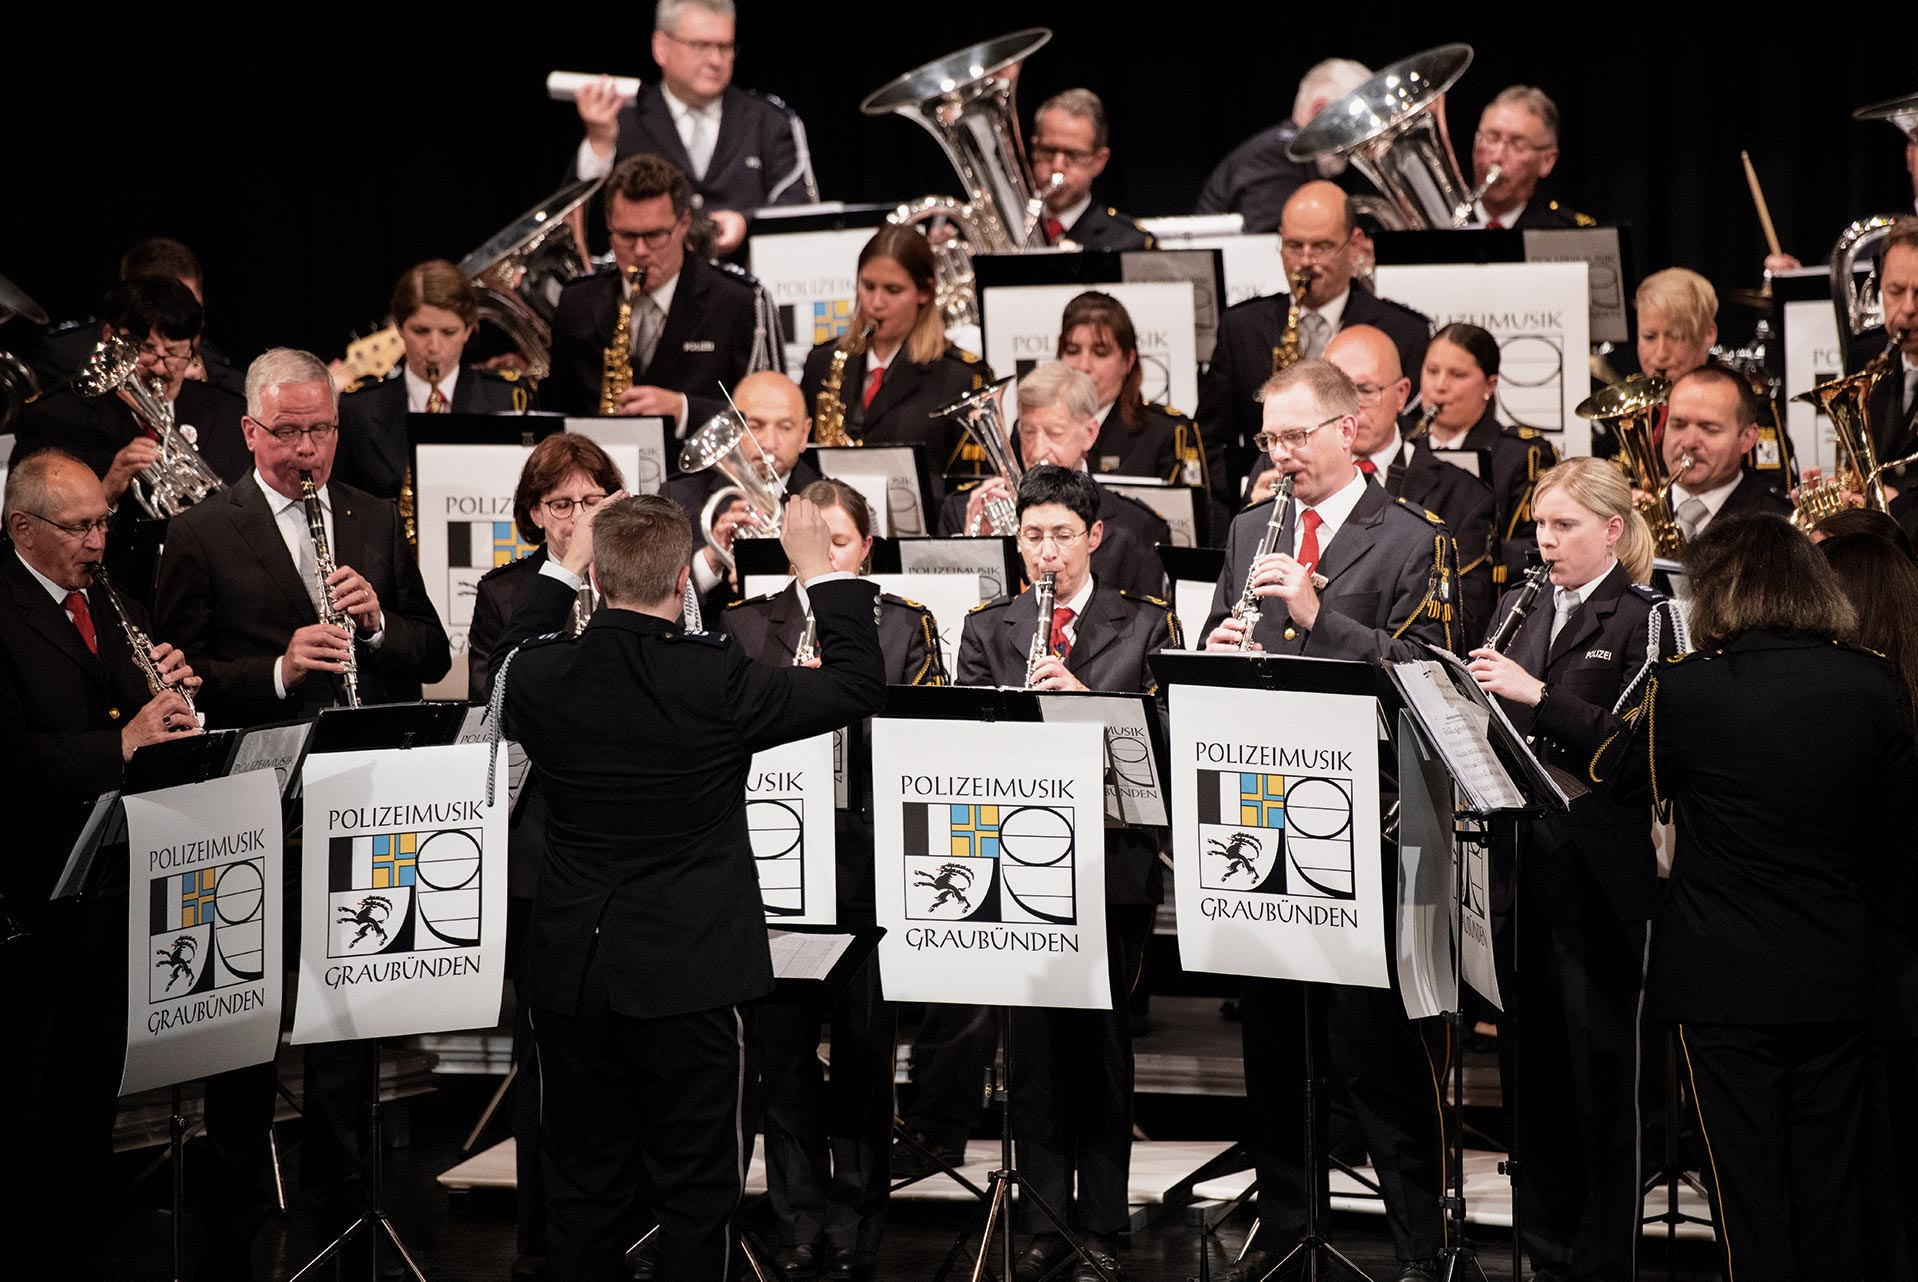 Konzertbesuch  bei der Polizeimusik Graubünden